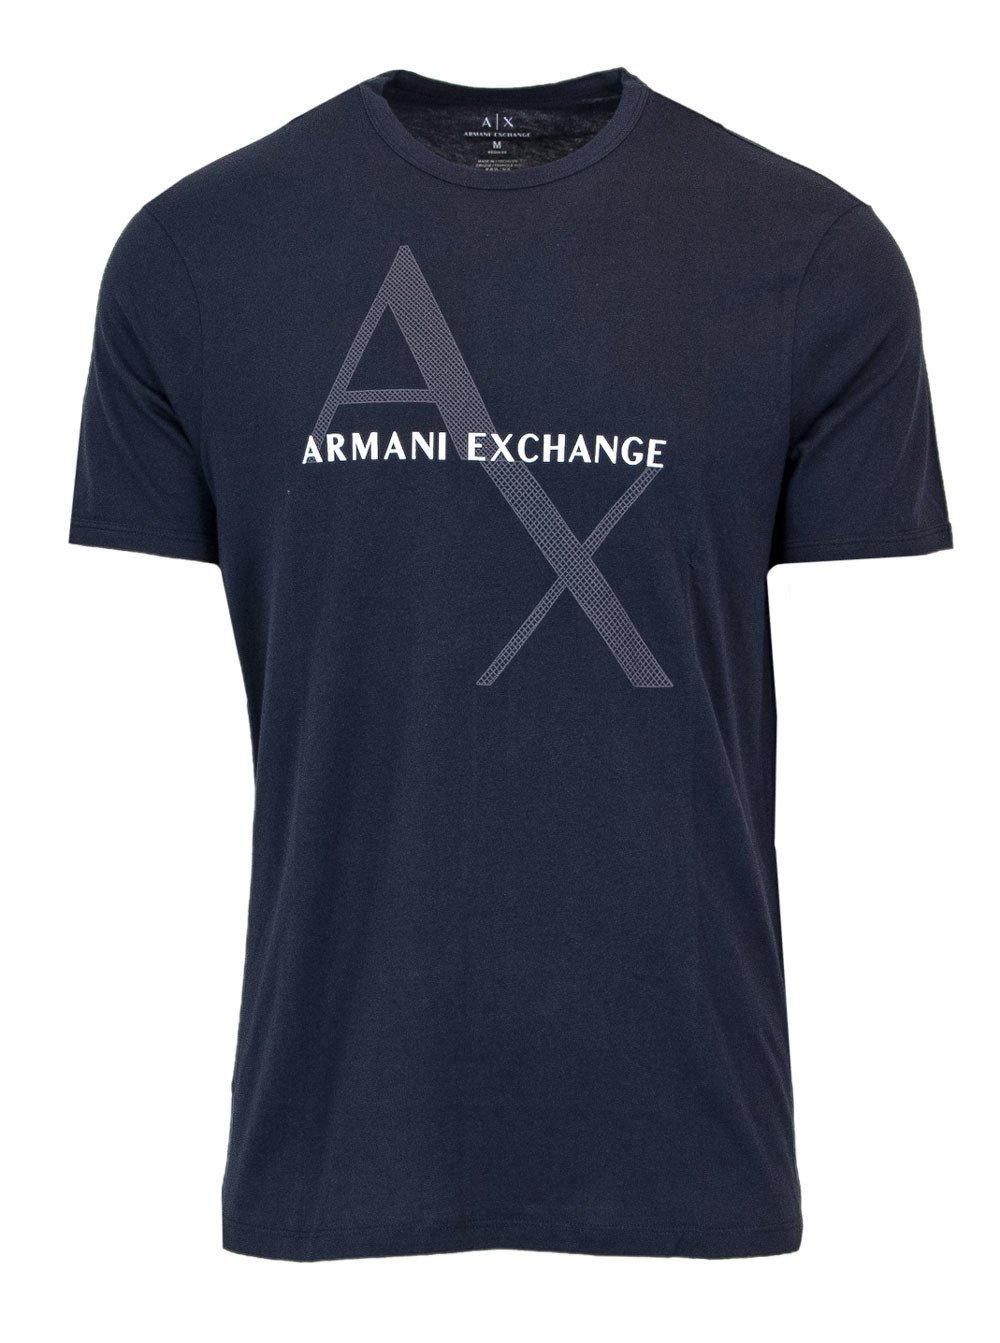 Armani Exchange Men's Polo Shirt Blue 165200 - blue-1 XS